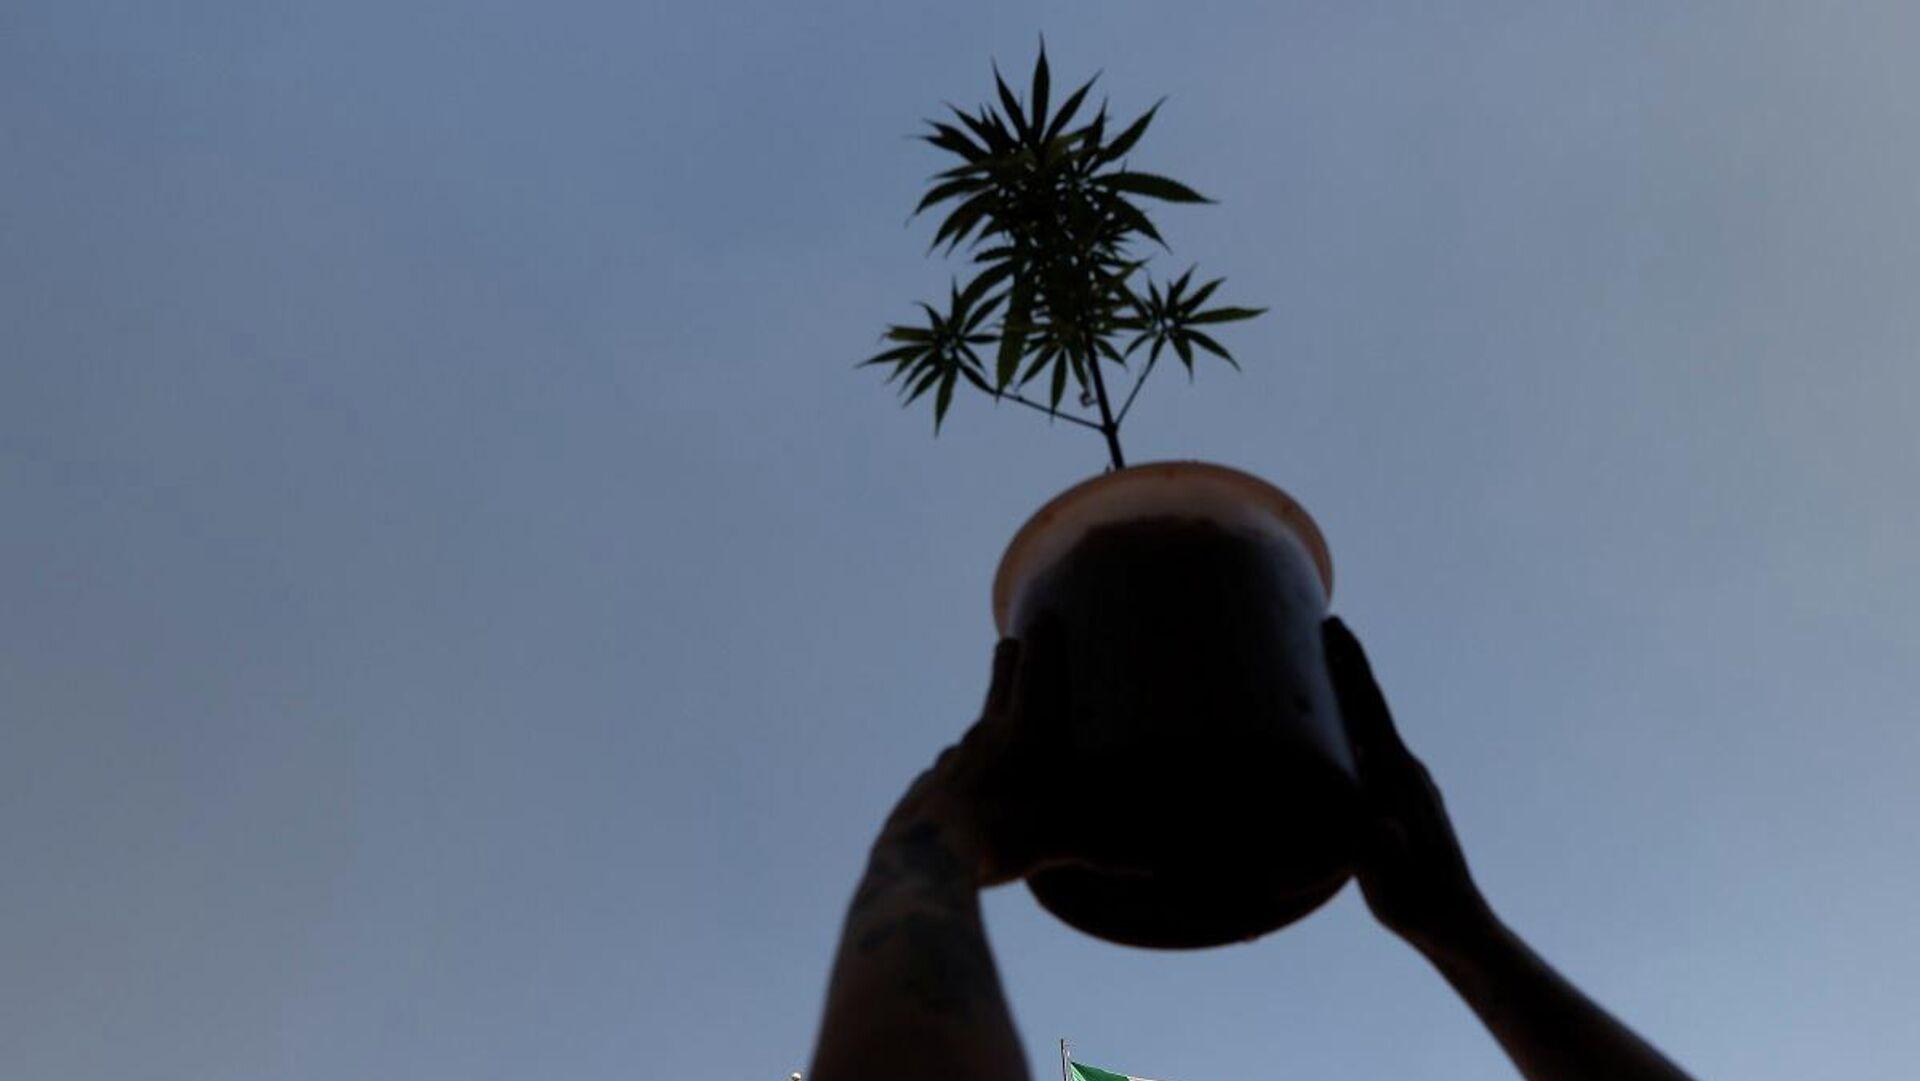 Un activista a favor de la marihuana legalizada sostiene una planta de cannabis durante una marcha en la ciudad de México, el 9 de marzo de 2021. - Sputnik Mundo, 1920, 10.03.2021